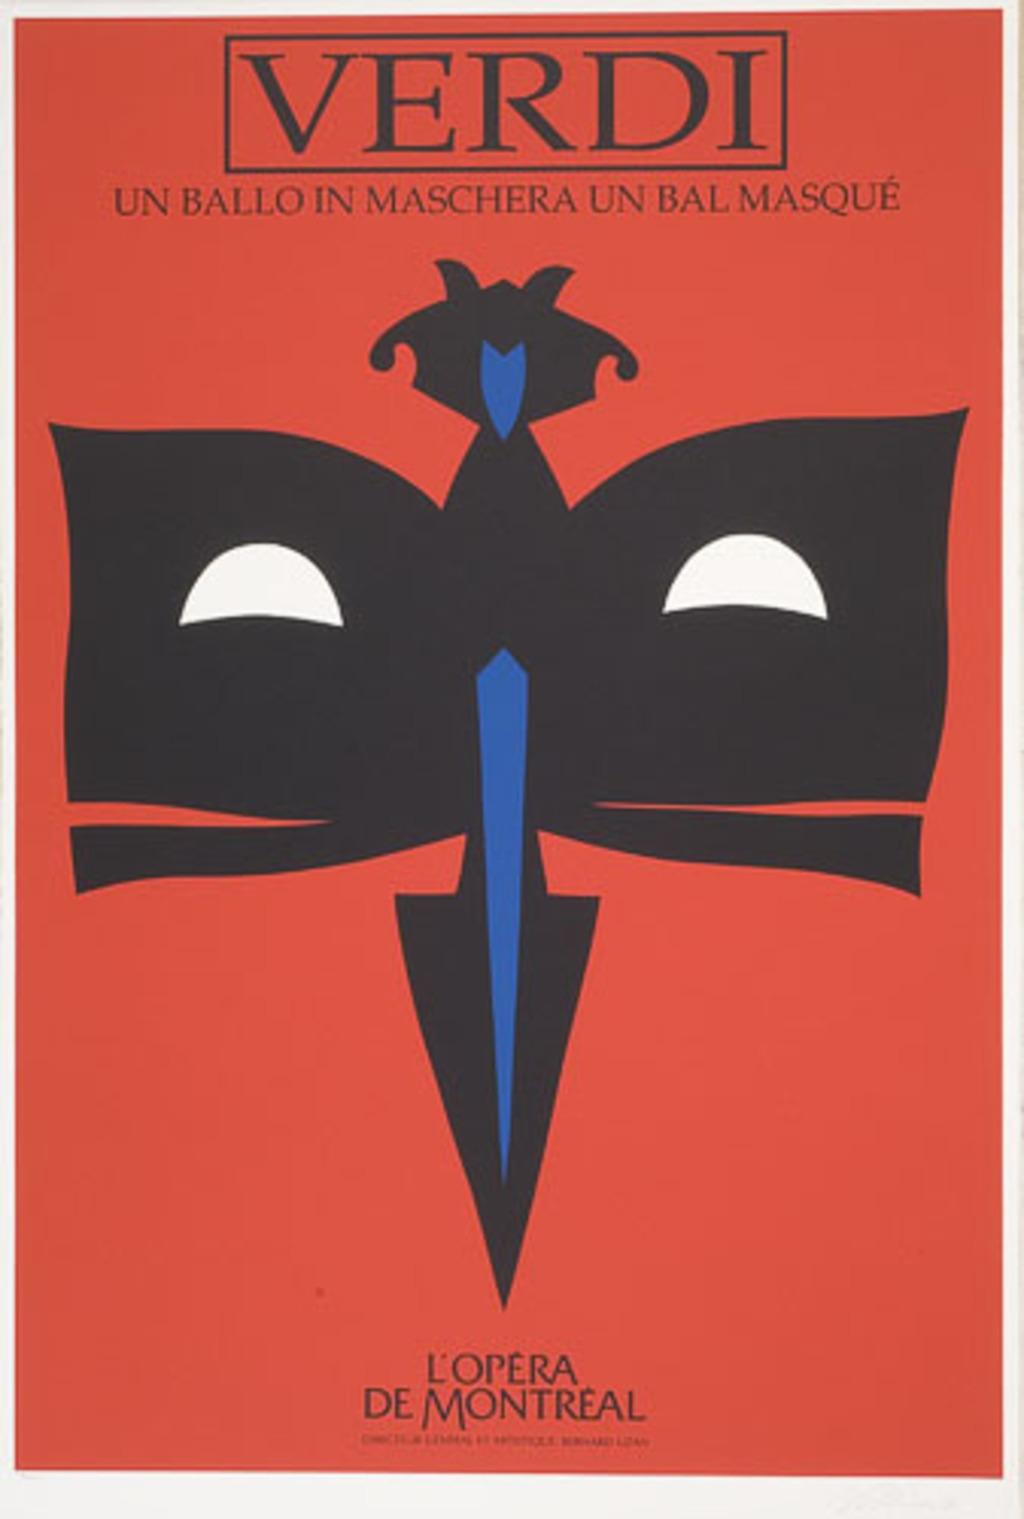 Affiche «Un bal masqué de Giuseppe Verdi», de l'album L'Opéra par Vittorio